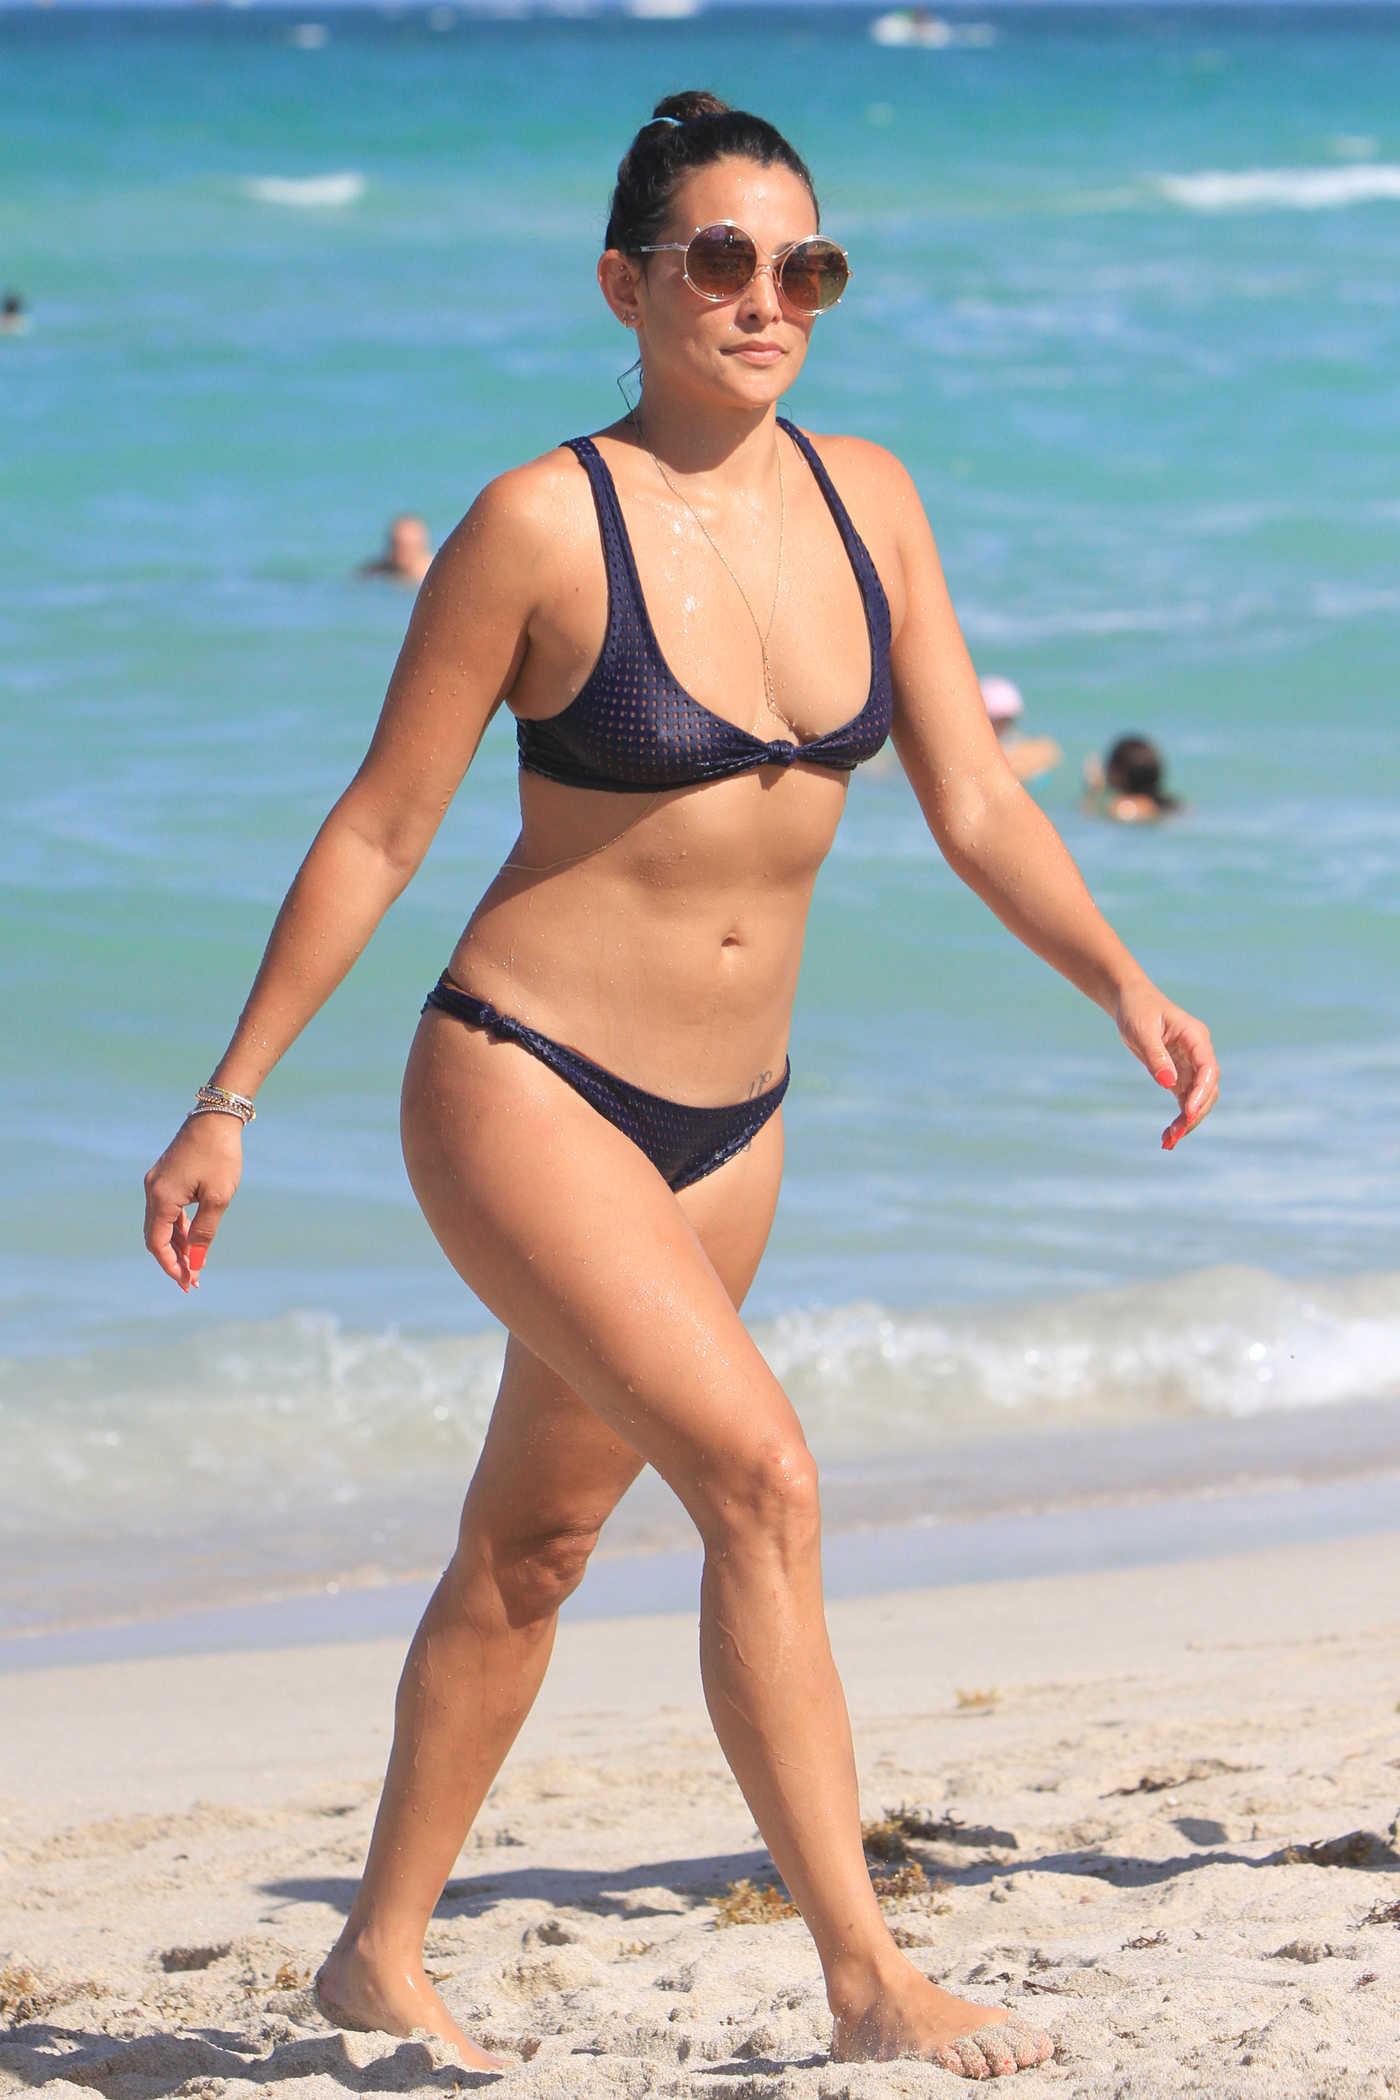 Natalie Martinez in Bikiki at the Beach in Miami 07/14/2017